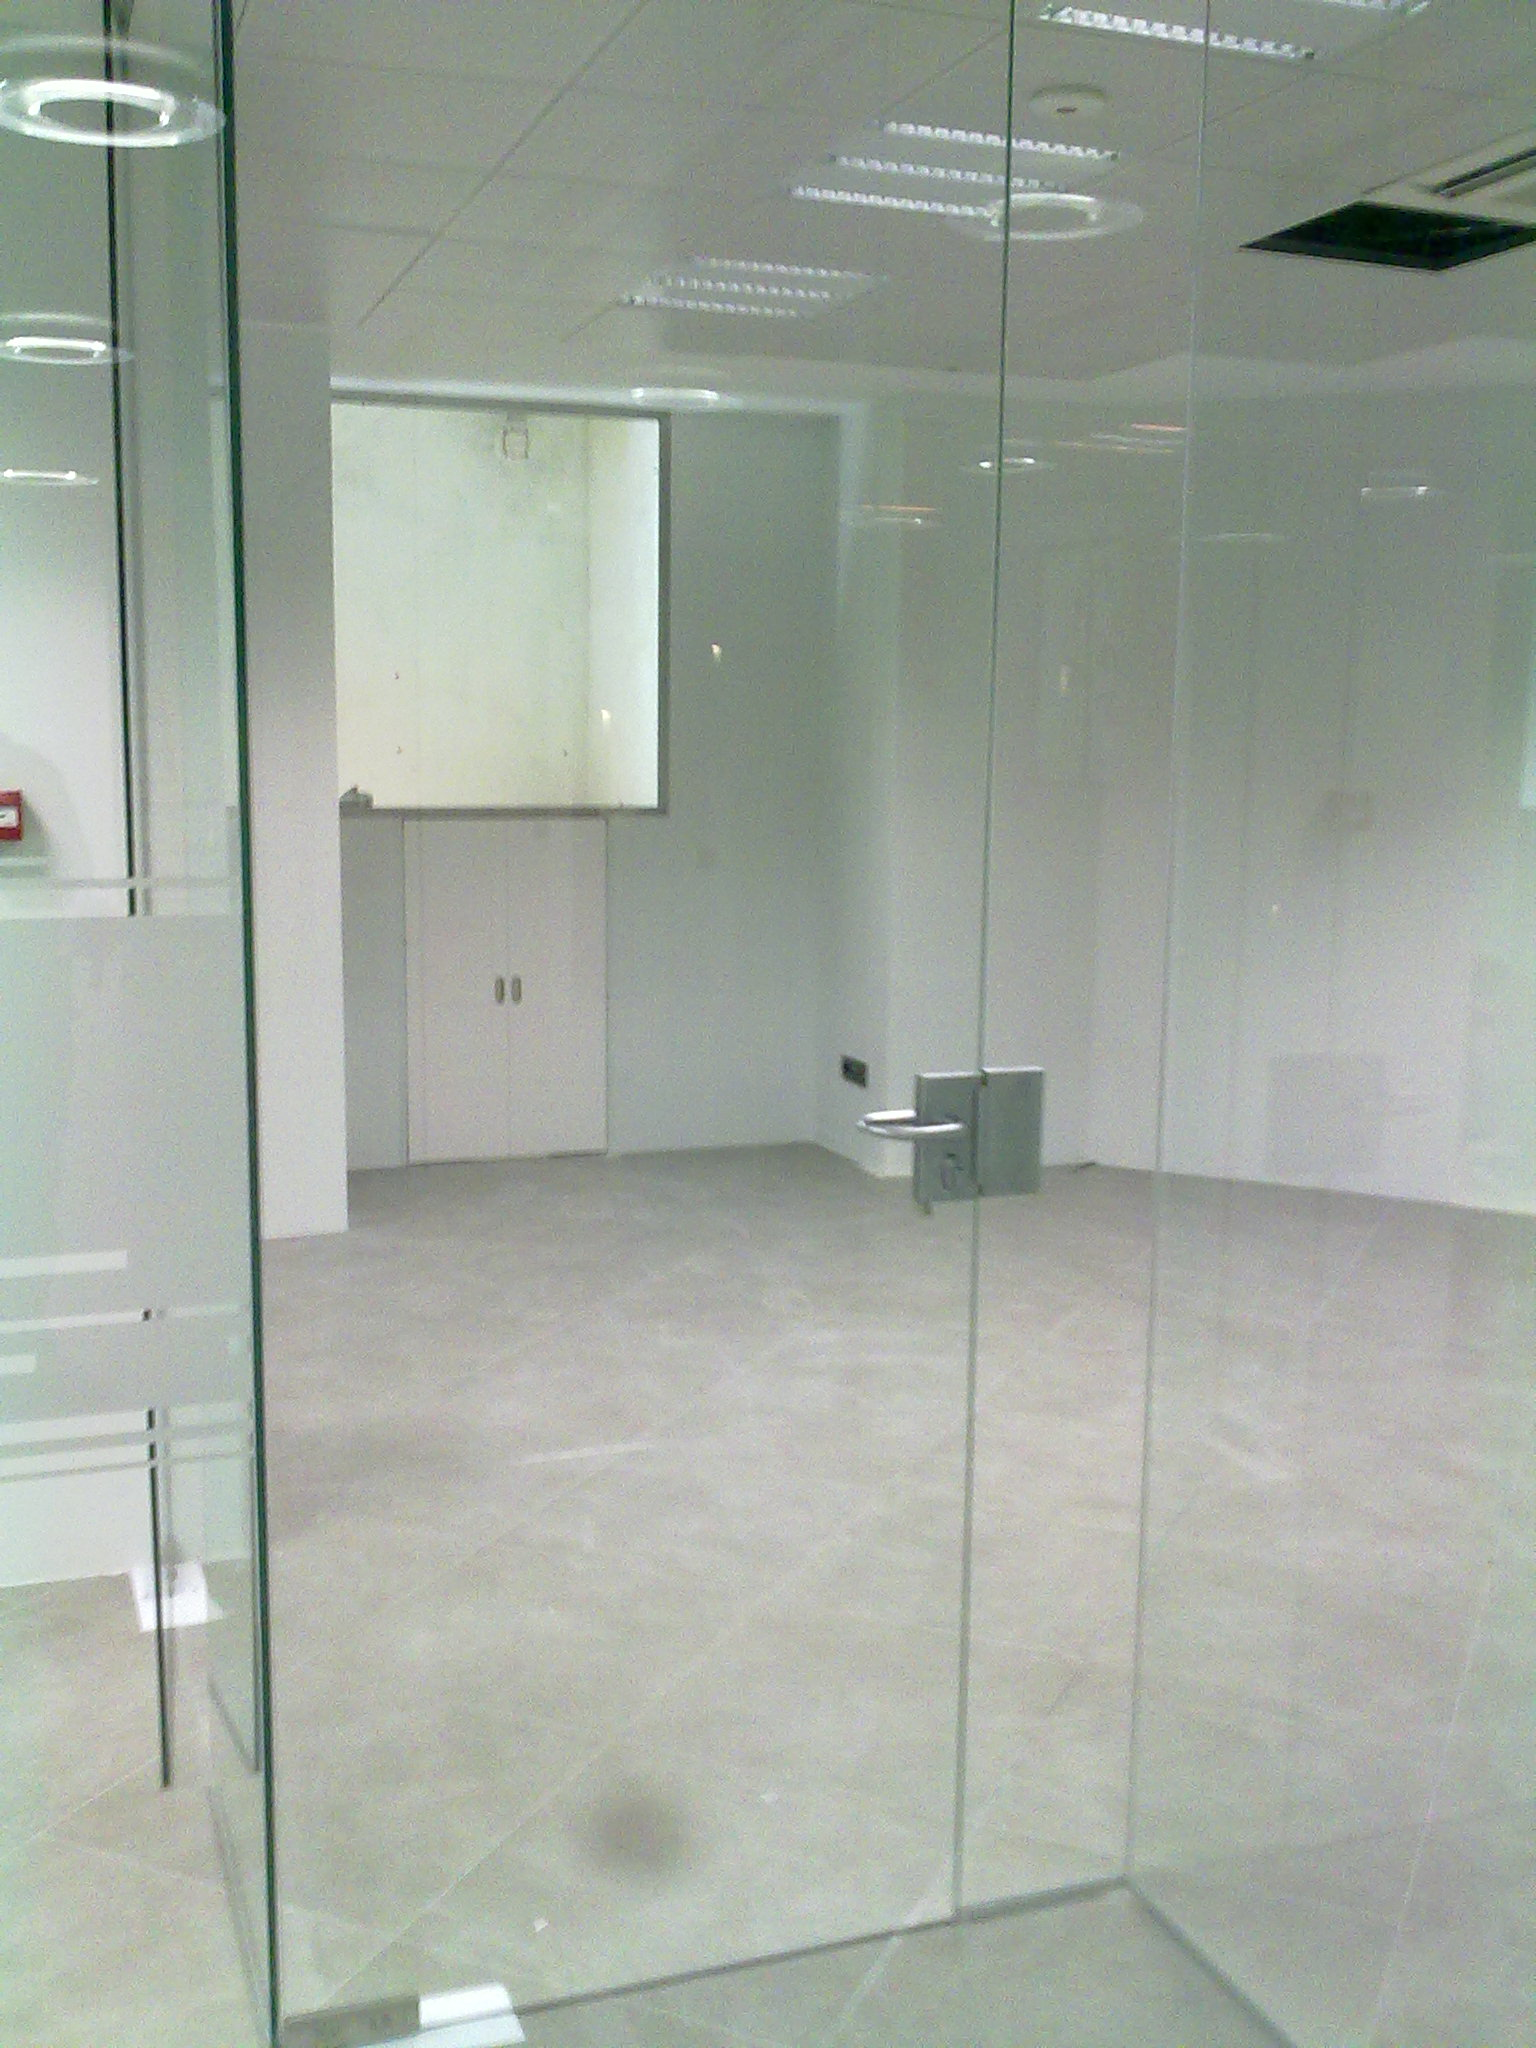 Divisiones de oficinas cristaler as amaya - Puertas de vidrios ...